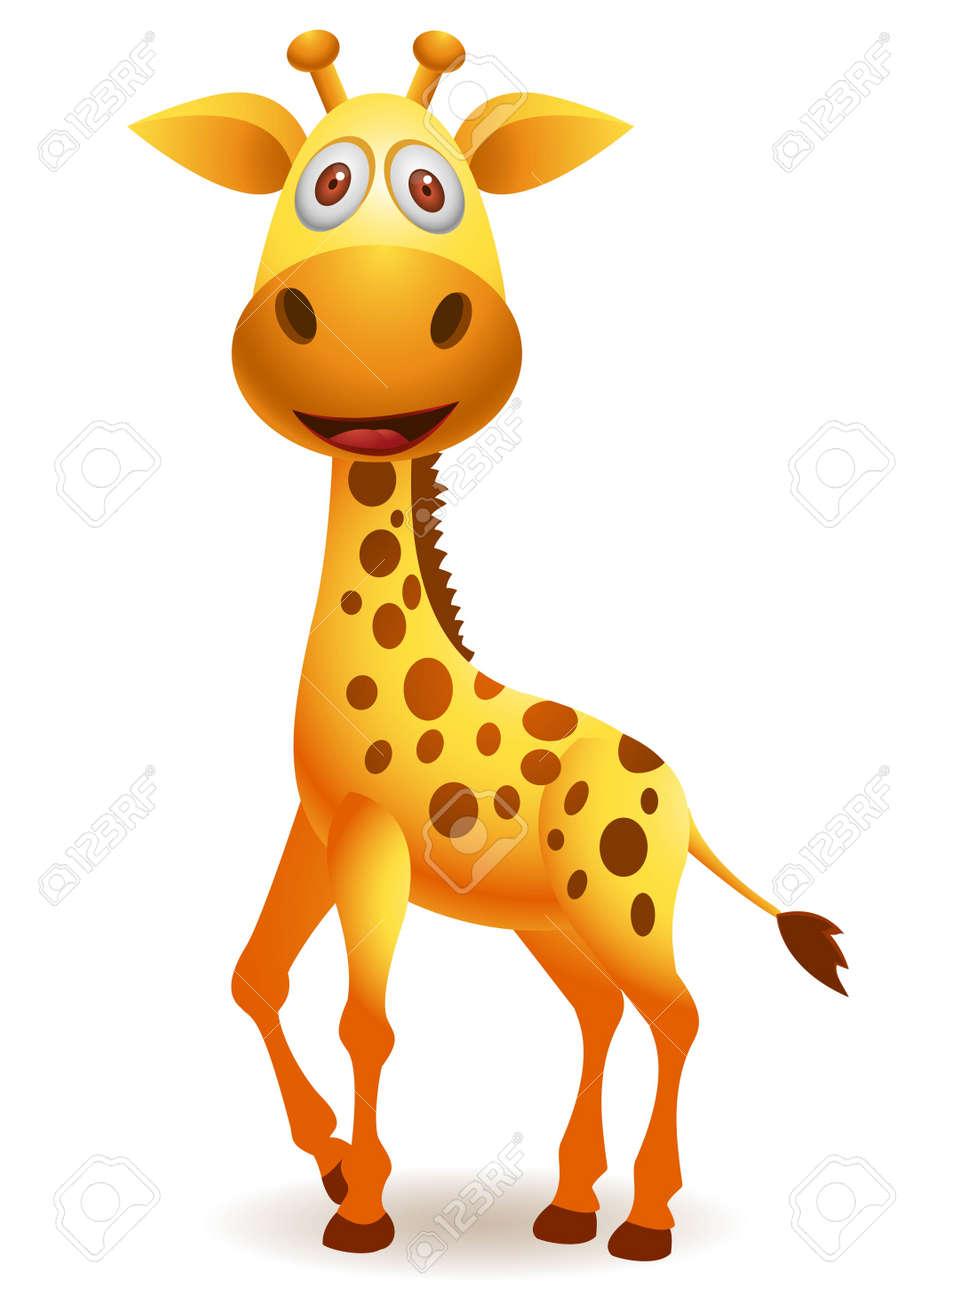 vector illustration of Giraffe cartoon - 14325305